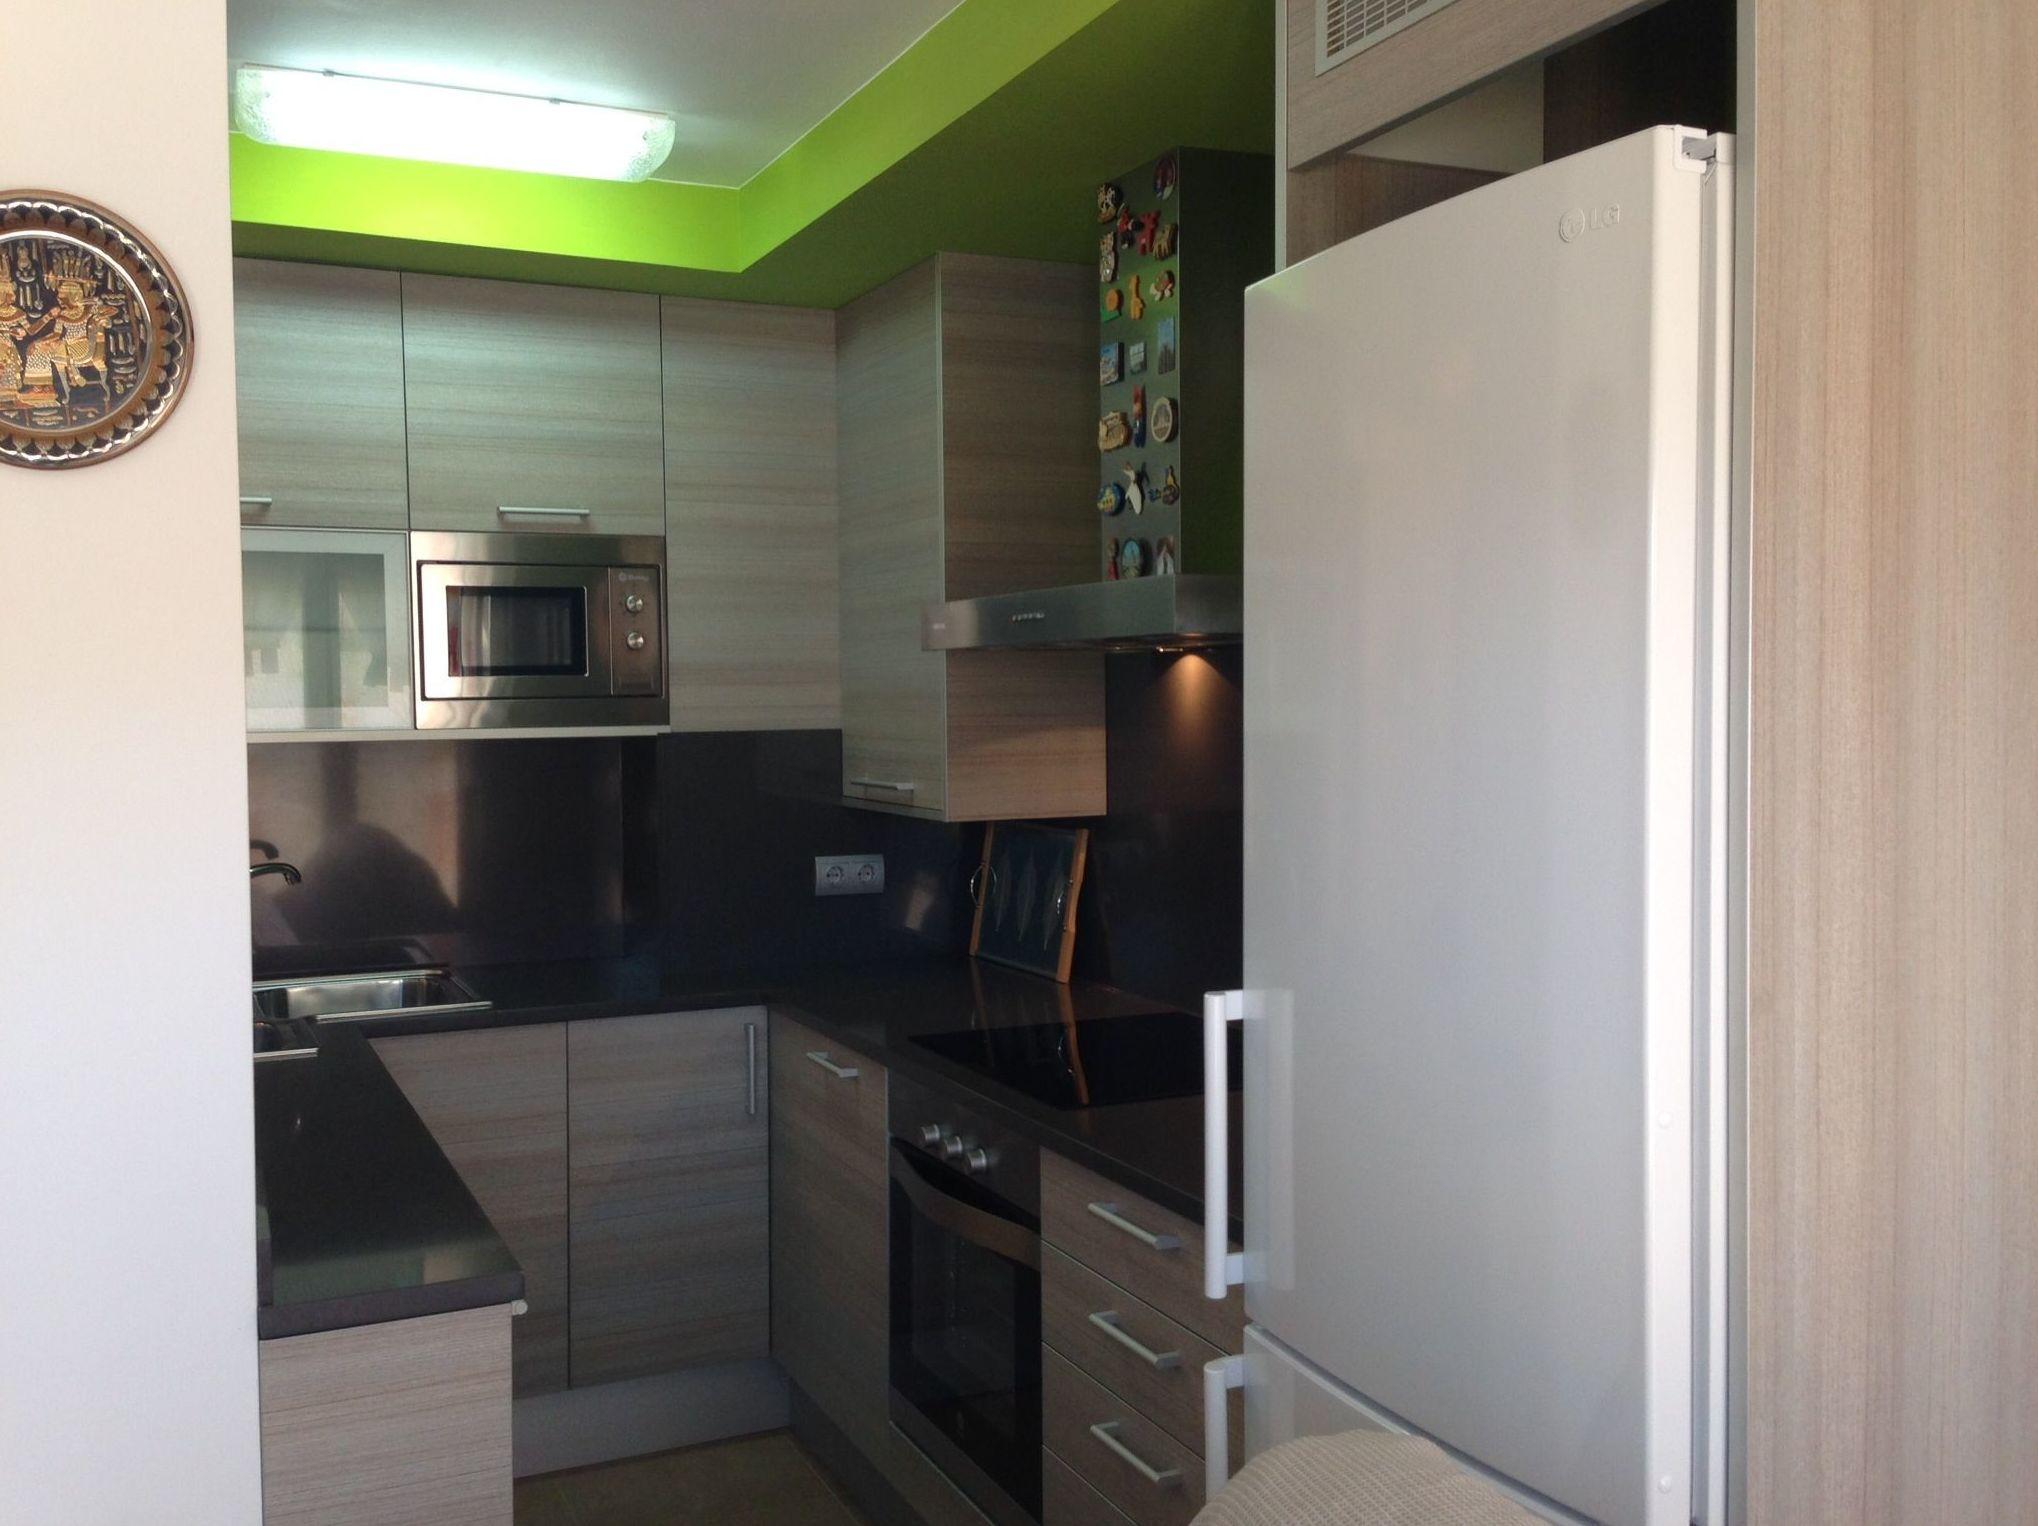 Muebles a medida para su cocina en Teruel